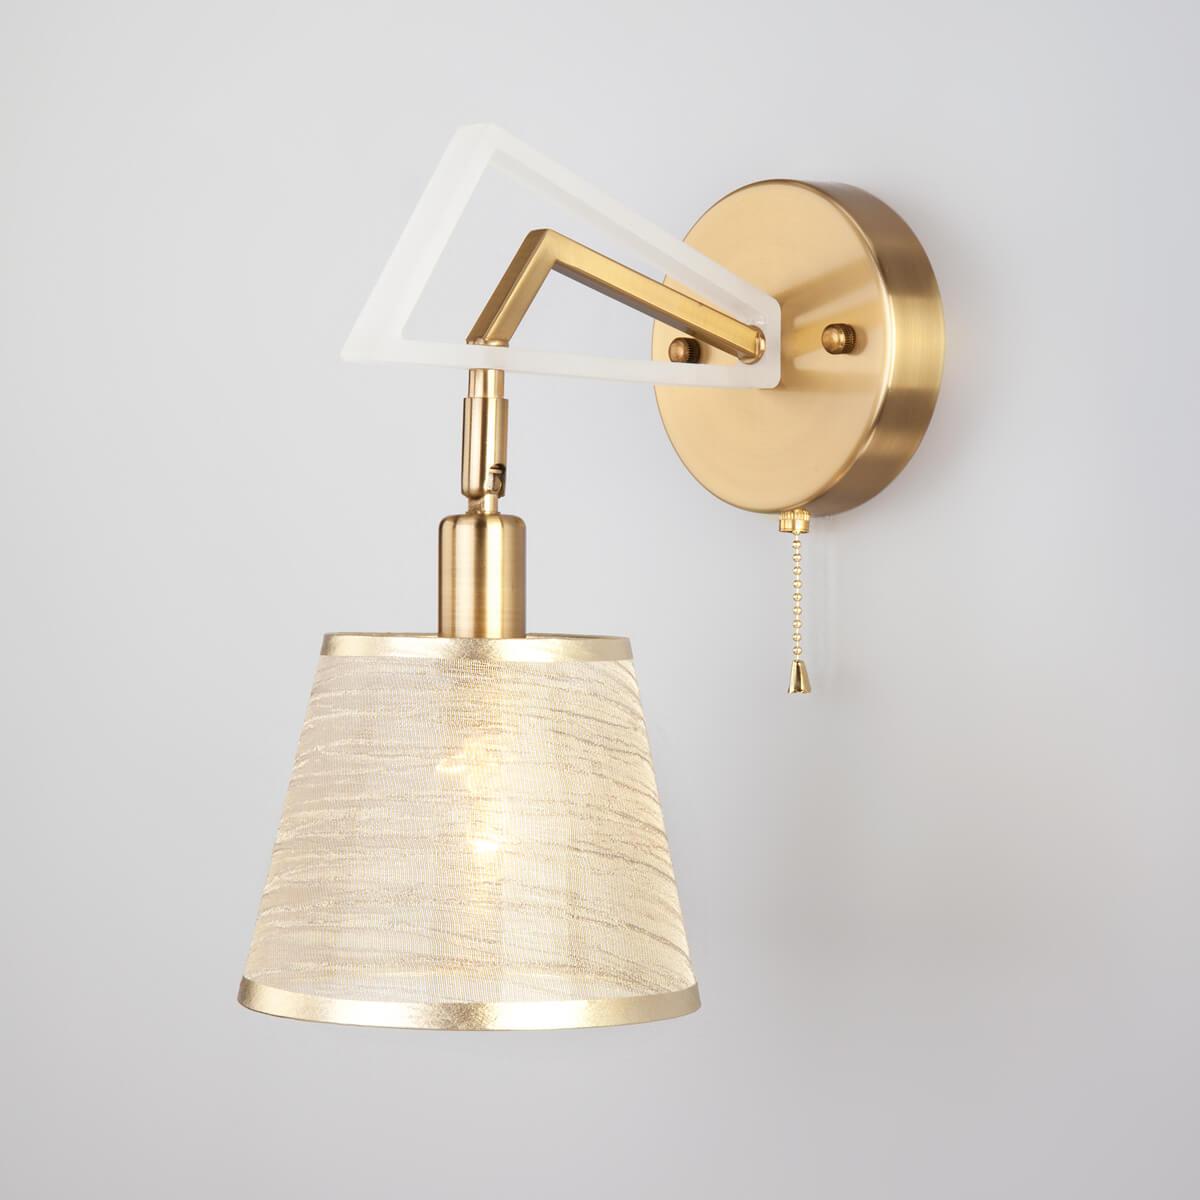 Спот Eurosvet 60082/1 золотая бронза Alicante